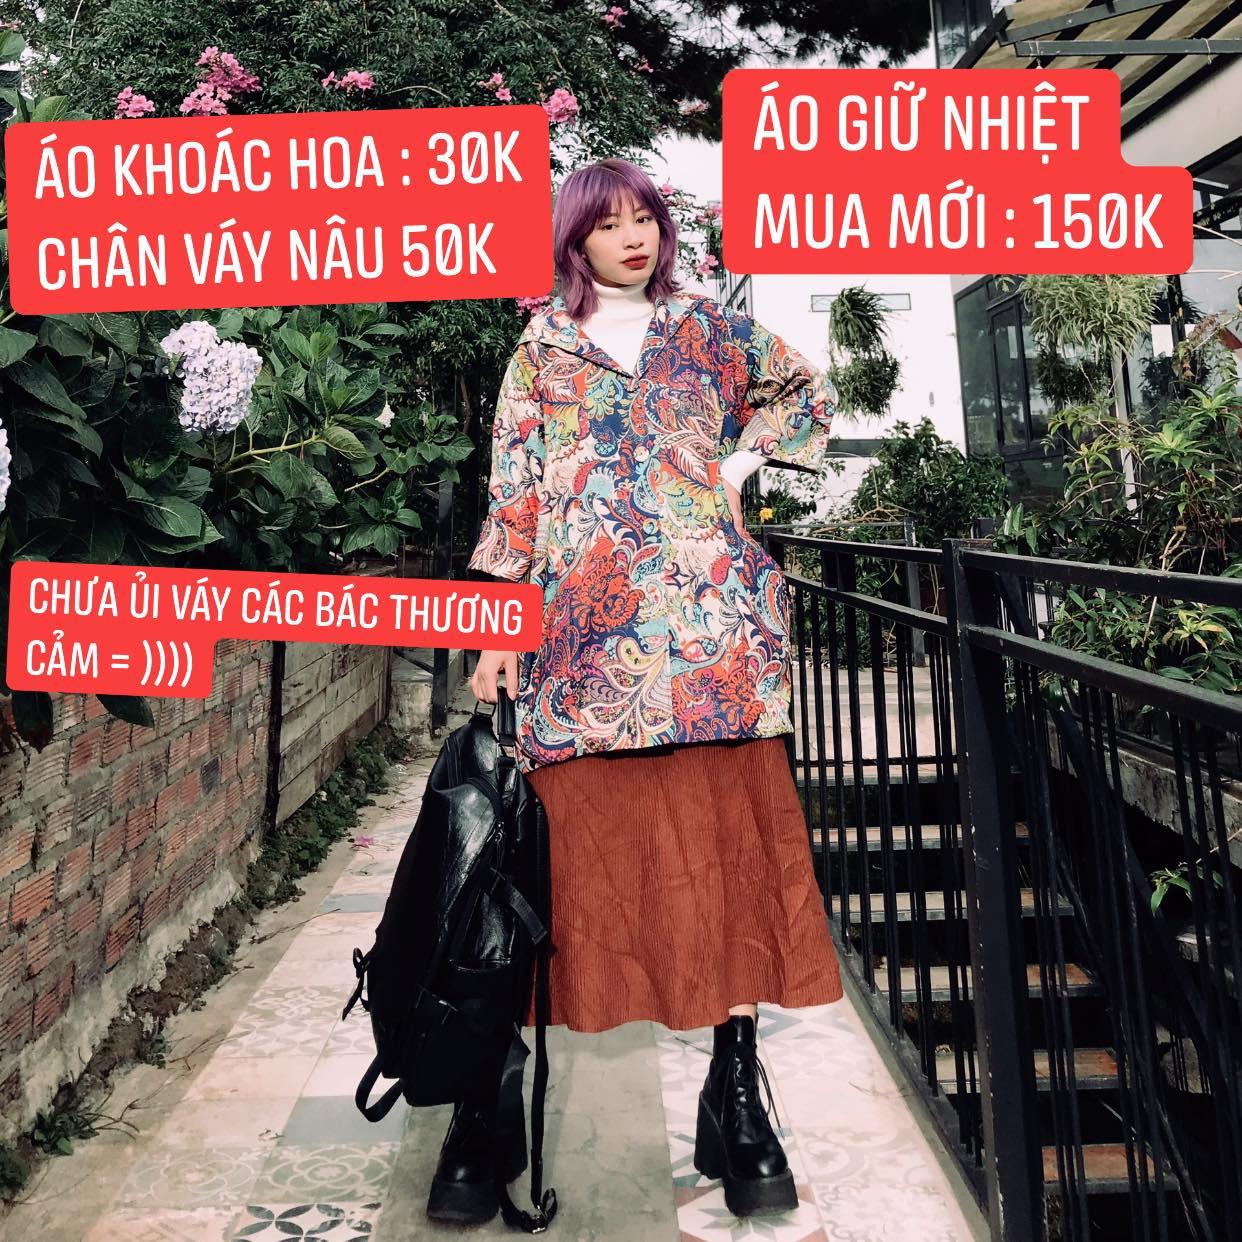 """Sắm đồ Secondhand chỉ từ 30k, cô nàng lên được cả loạt outfit """"chất phát hờn"""" khiến các chị em tới tấp hỏi địa chỉ - Ảnh 4."""